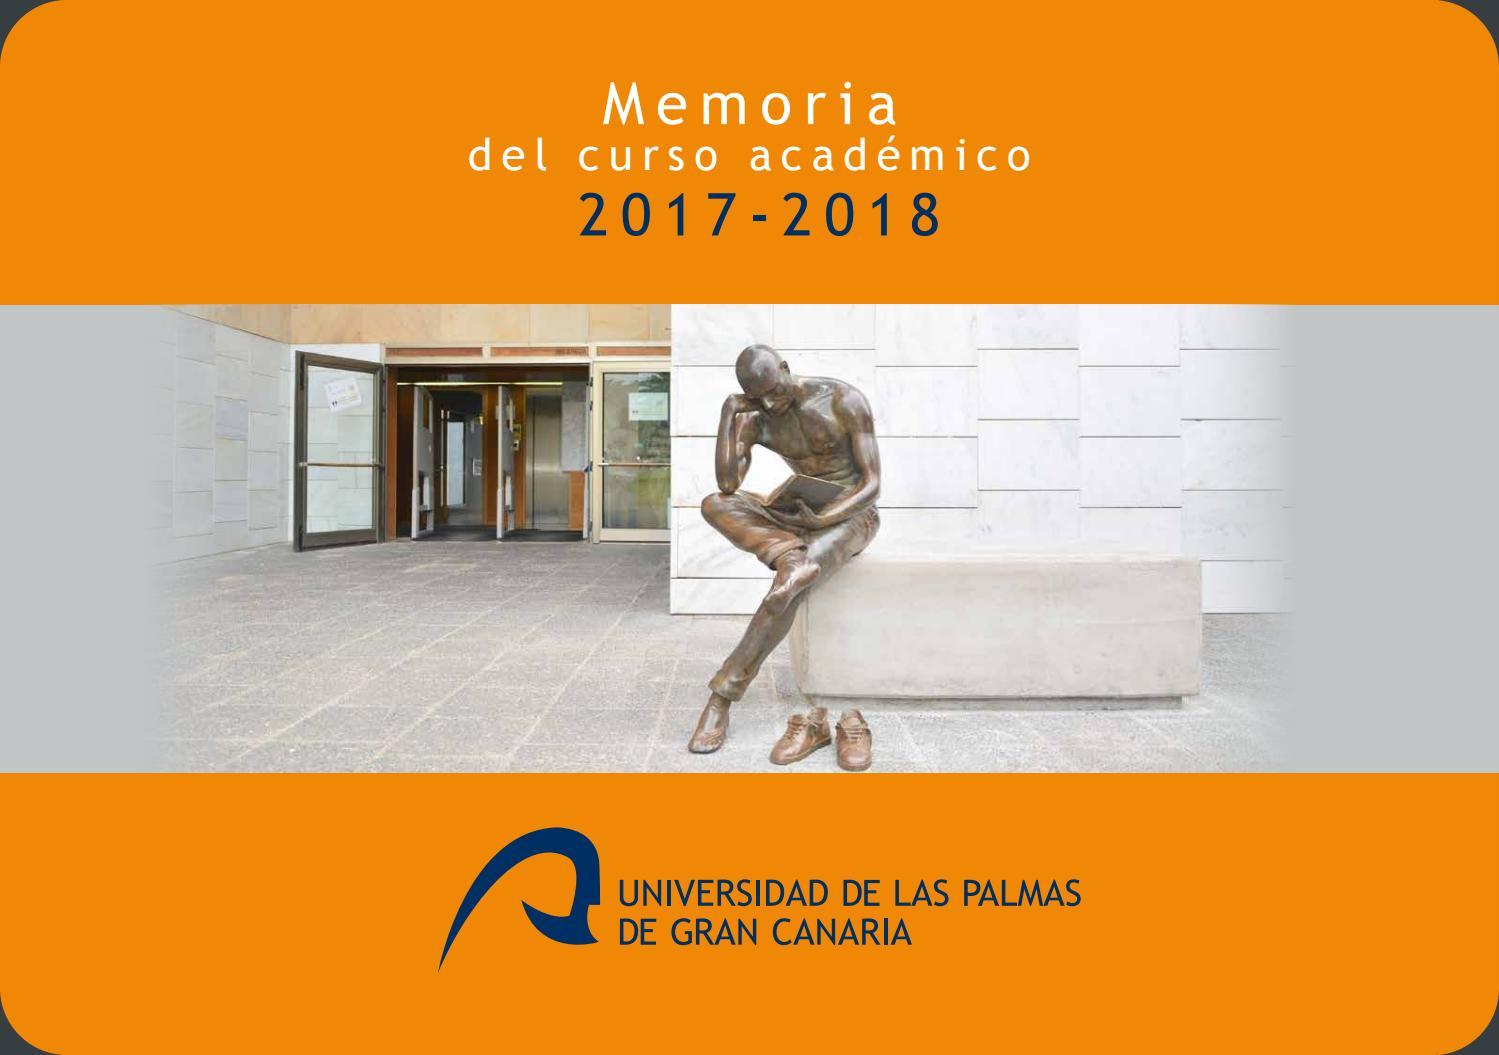 memoria ulpgc curso acadmico 2017 2018 by universidad de las palmas de gran canaria issuu